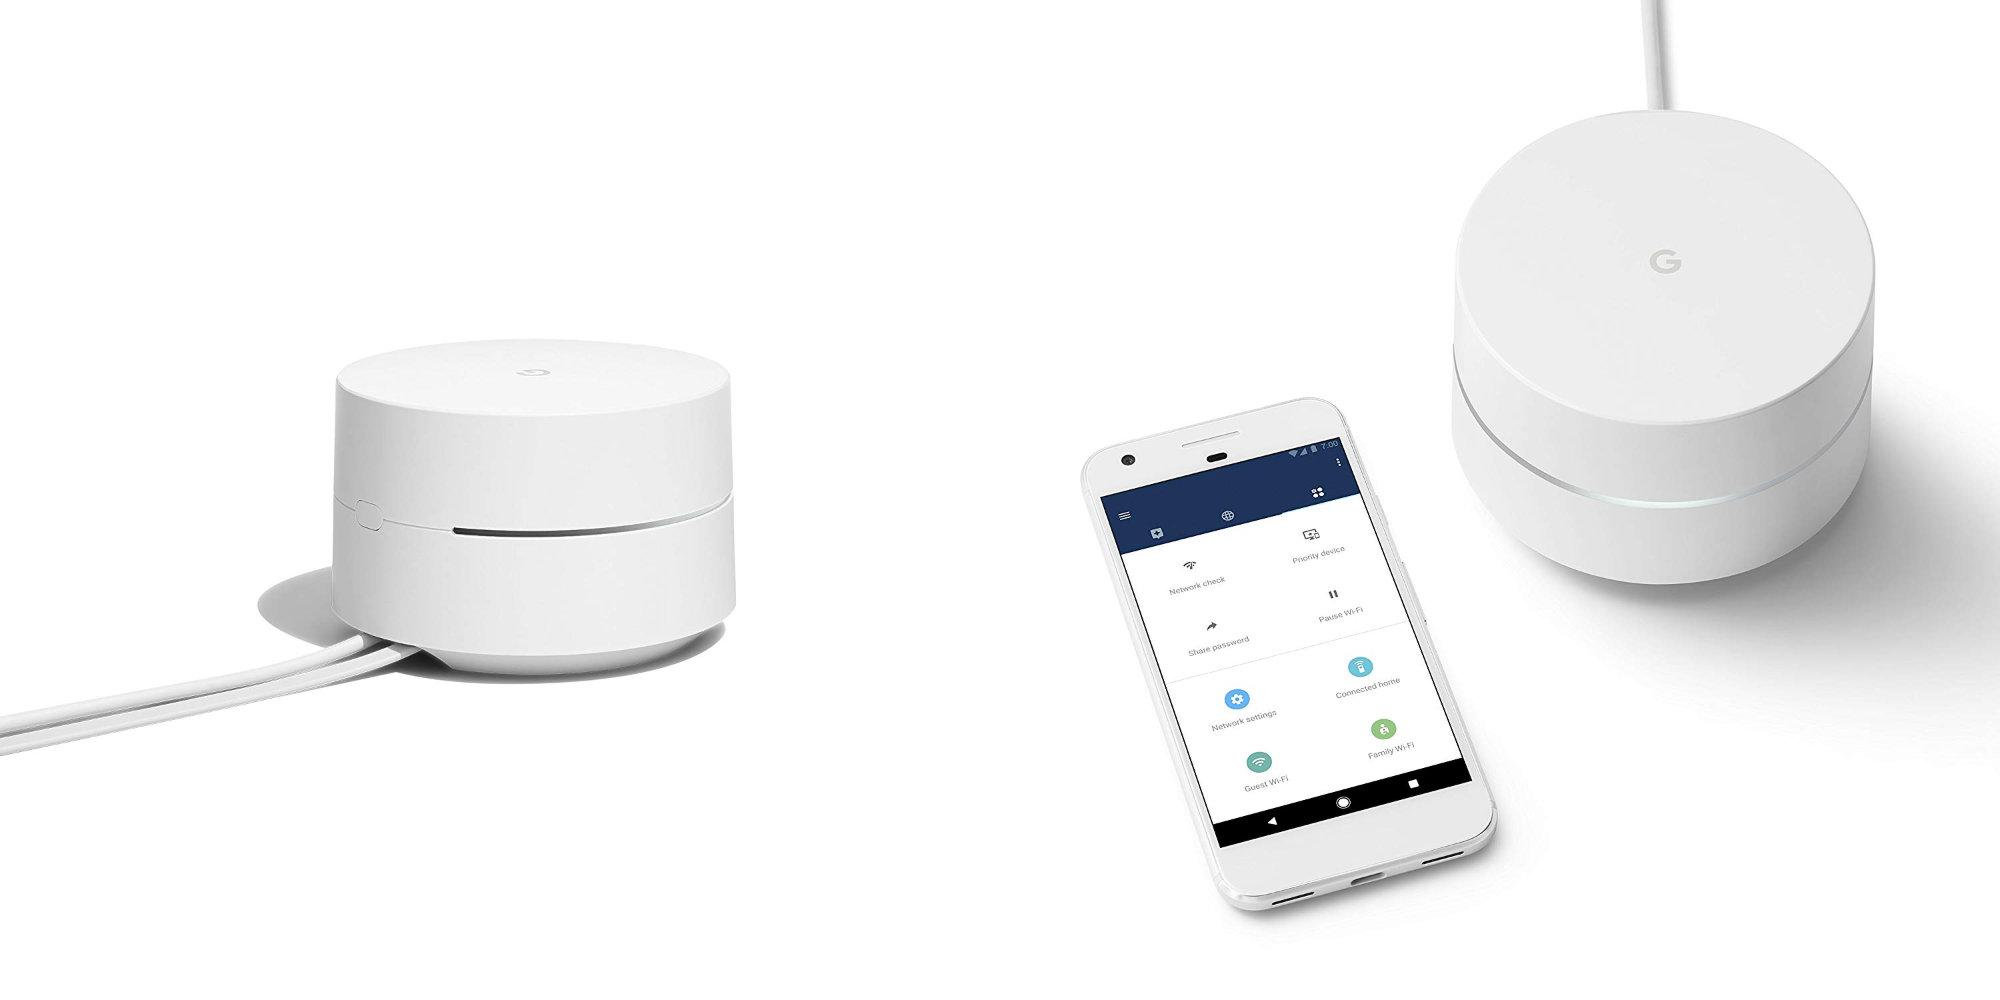 Google's 802.11ac Mesh Wi-Fi bids weak signals adieu: 3-pack for $219 (Reg. $259)